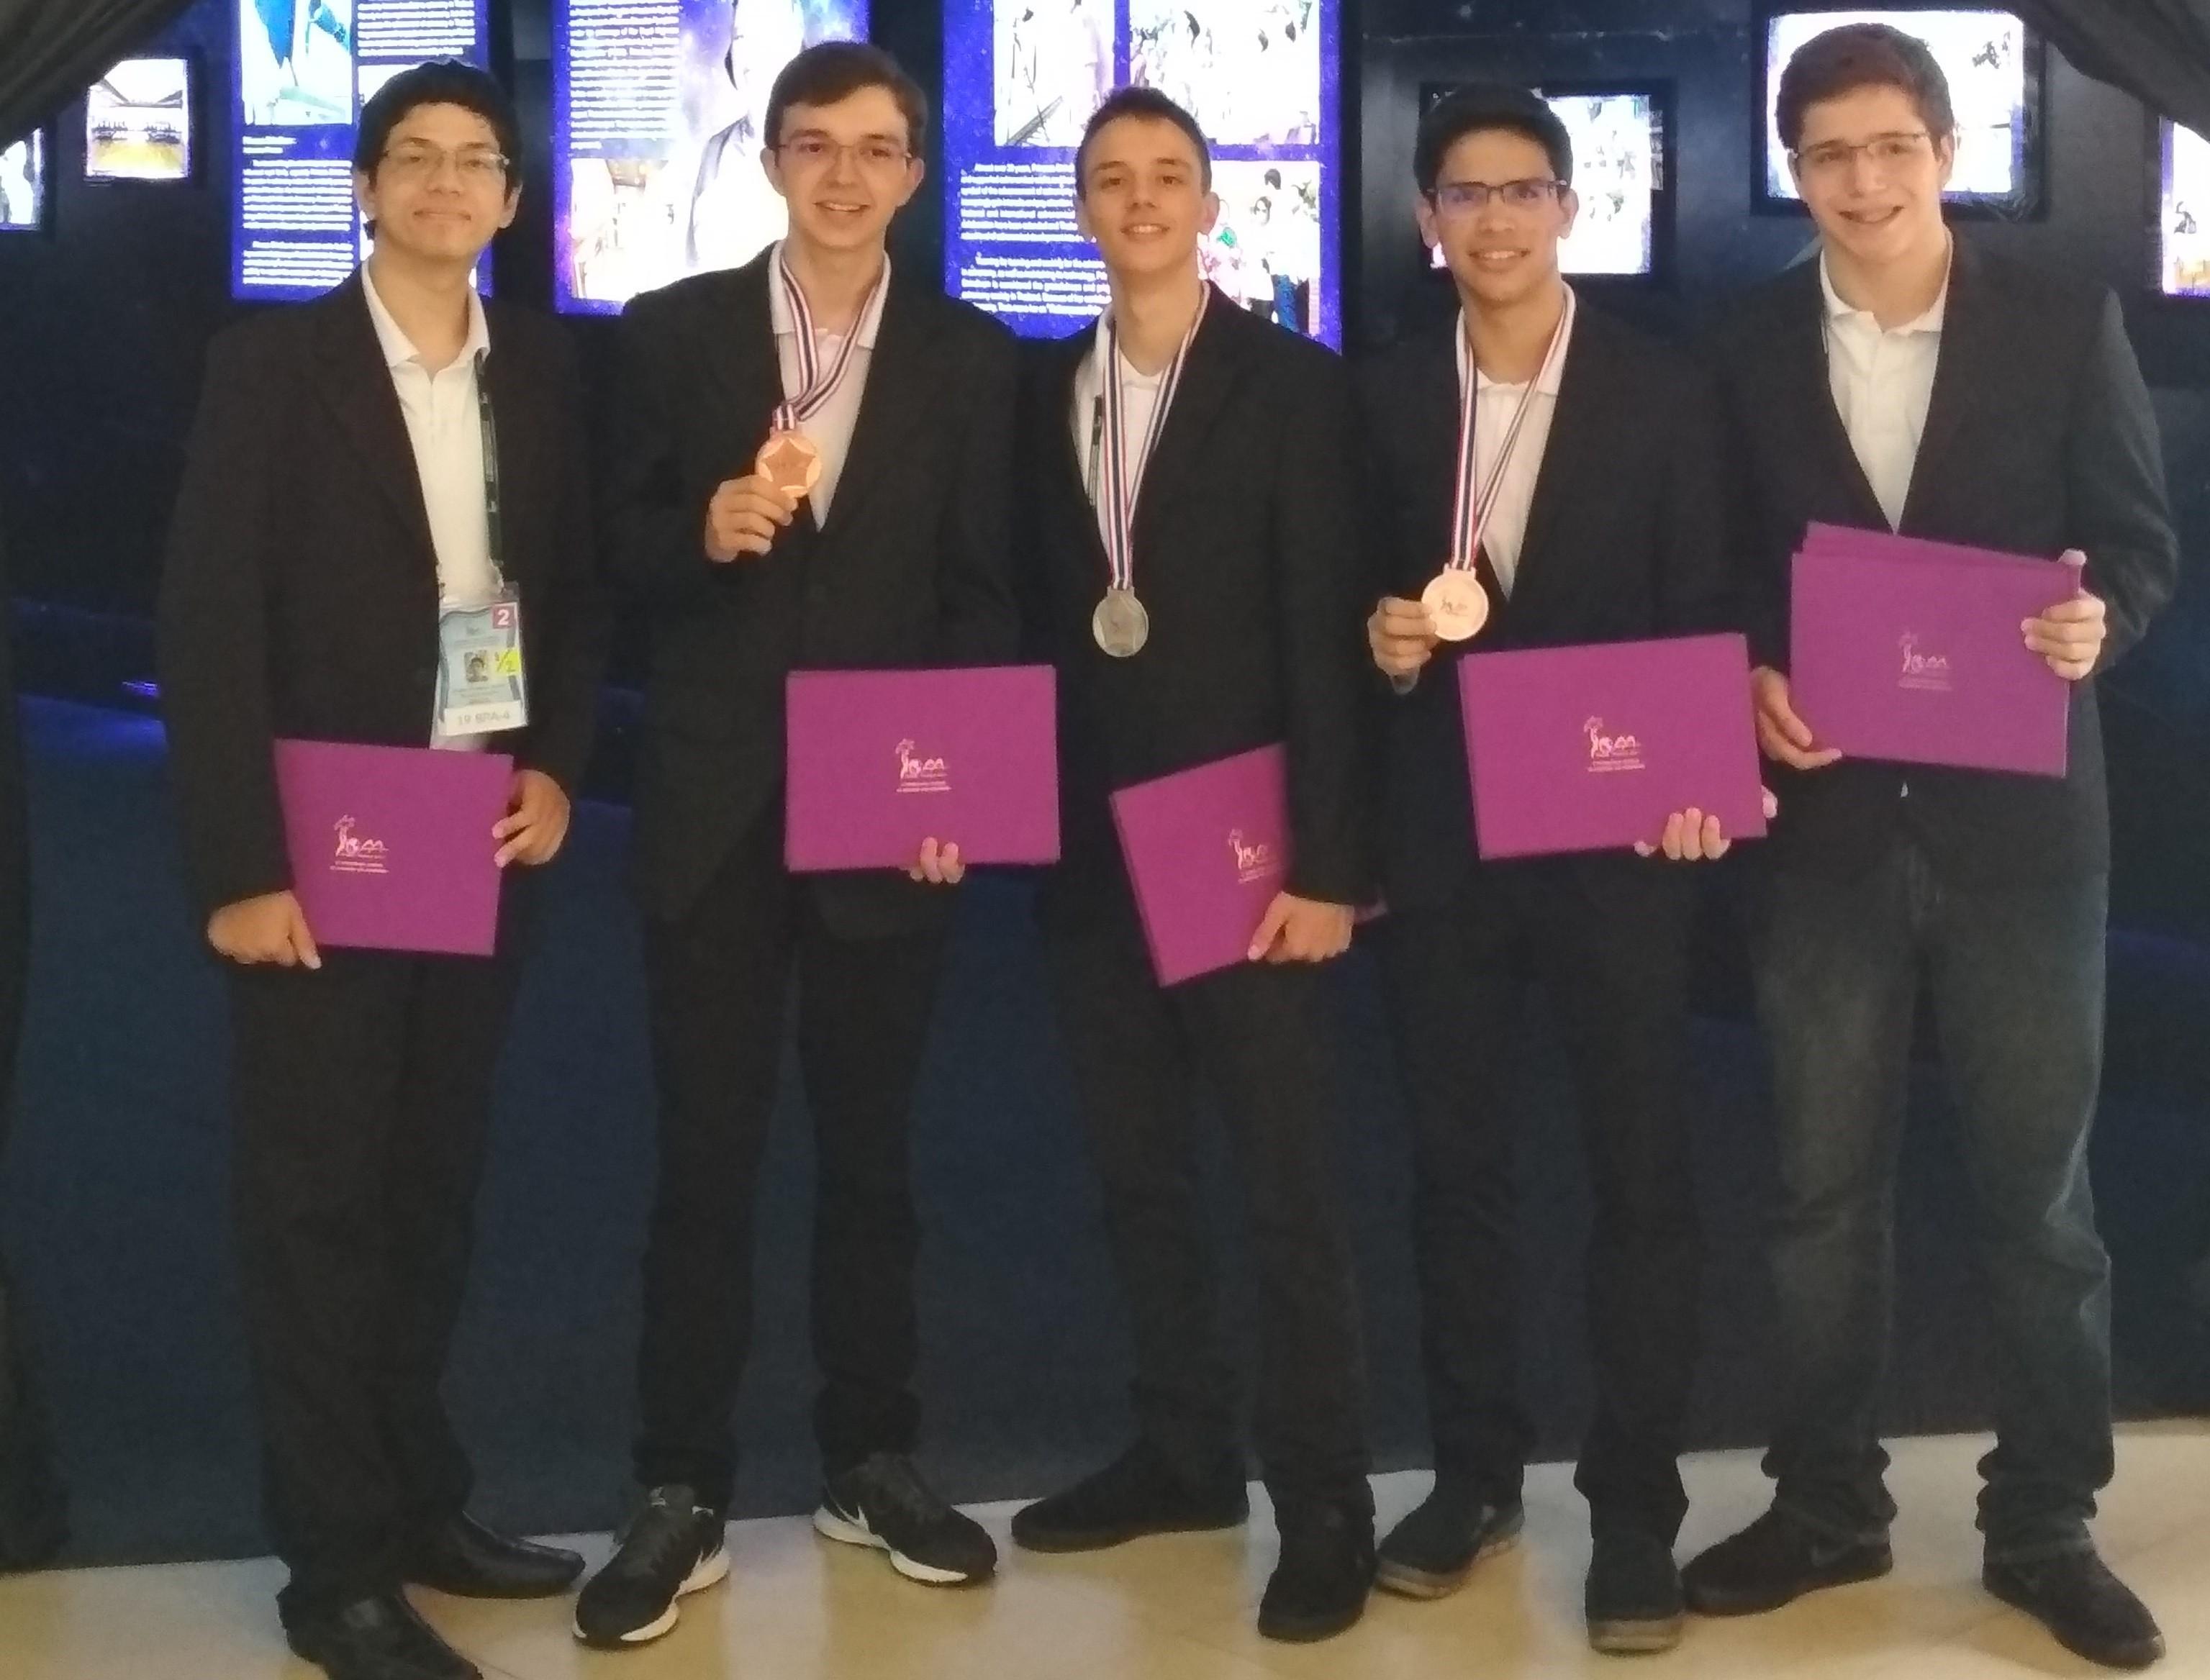 Equipe brasileira participante da OIAA 2017 (Foto: Arquivo pessoal)